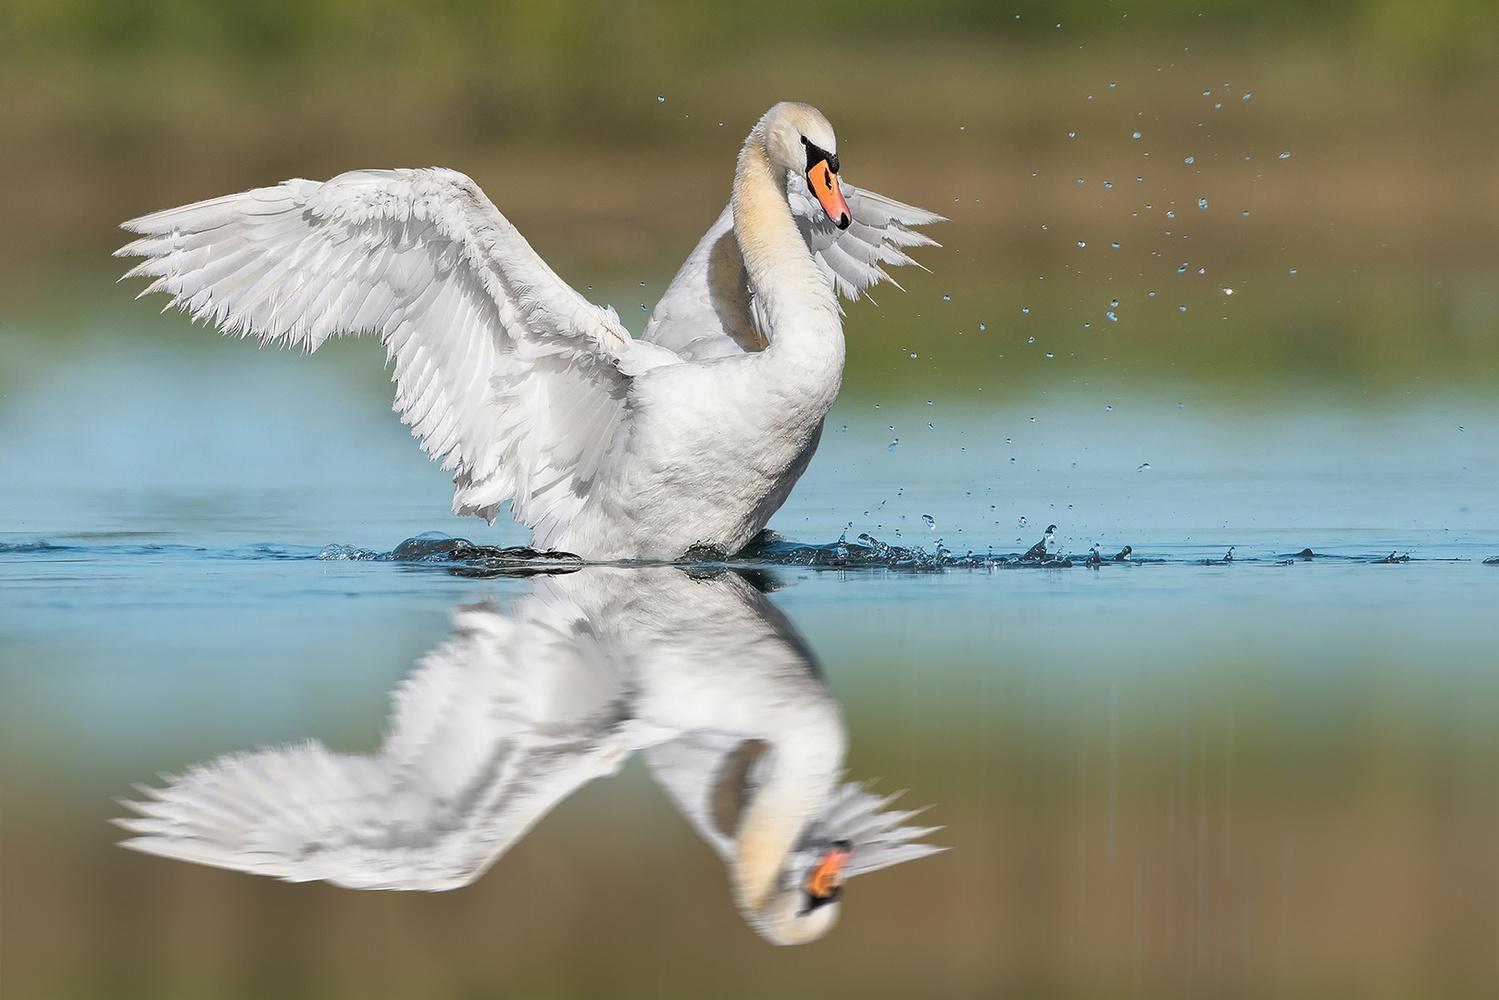 The Swan by Kevin Plovie